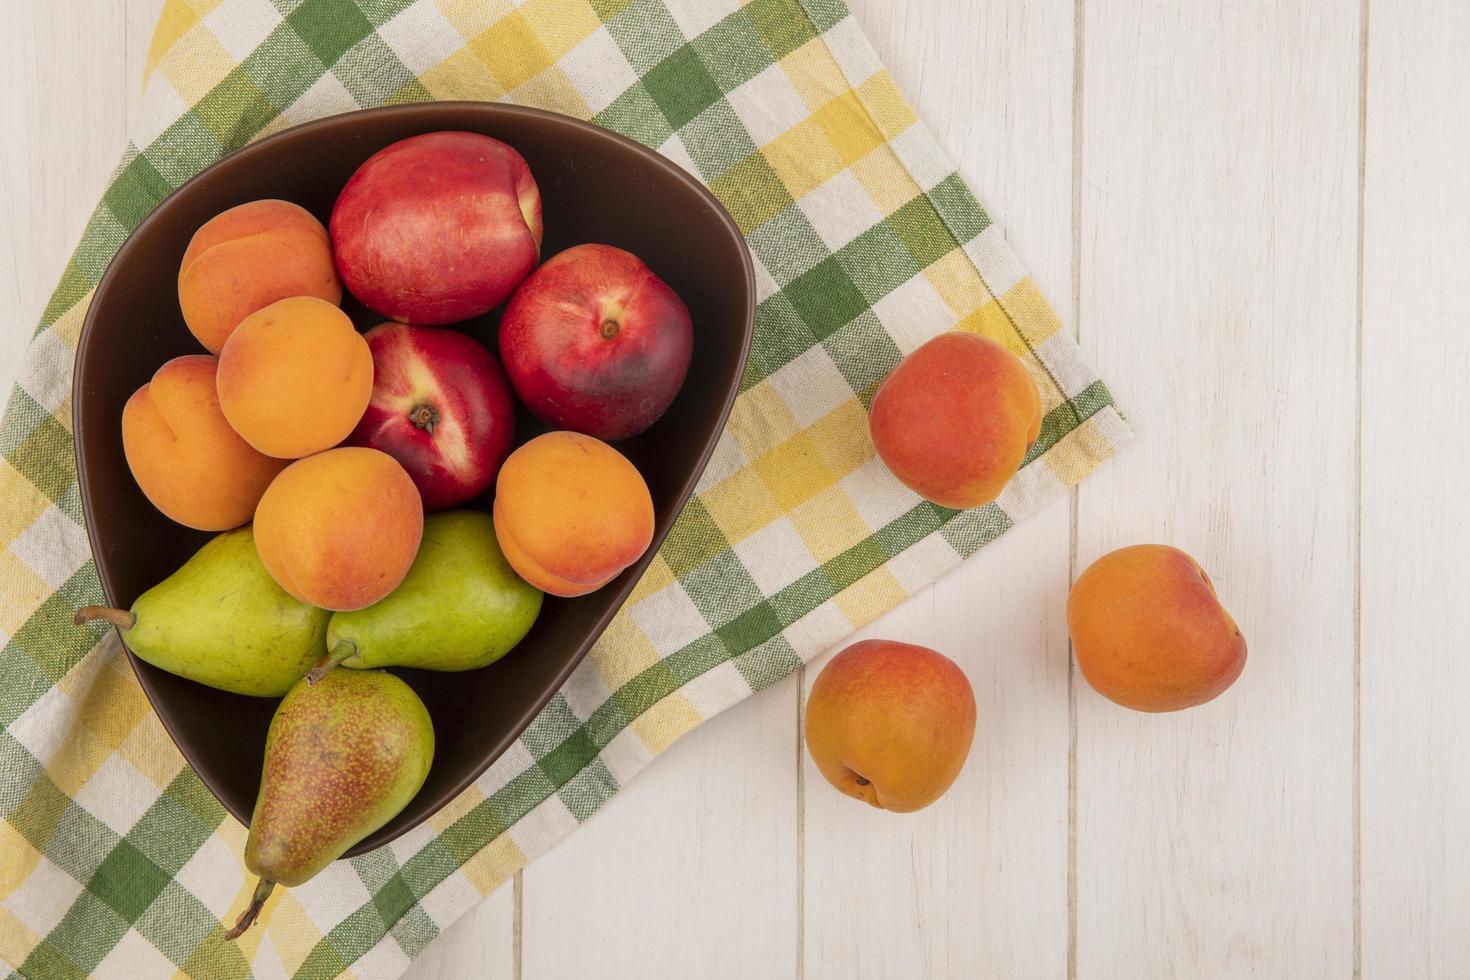 verschiedene Früchte auf neutralem Hintergrund mit kariertem Stoff foto